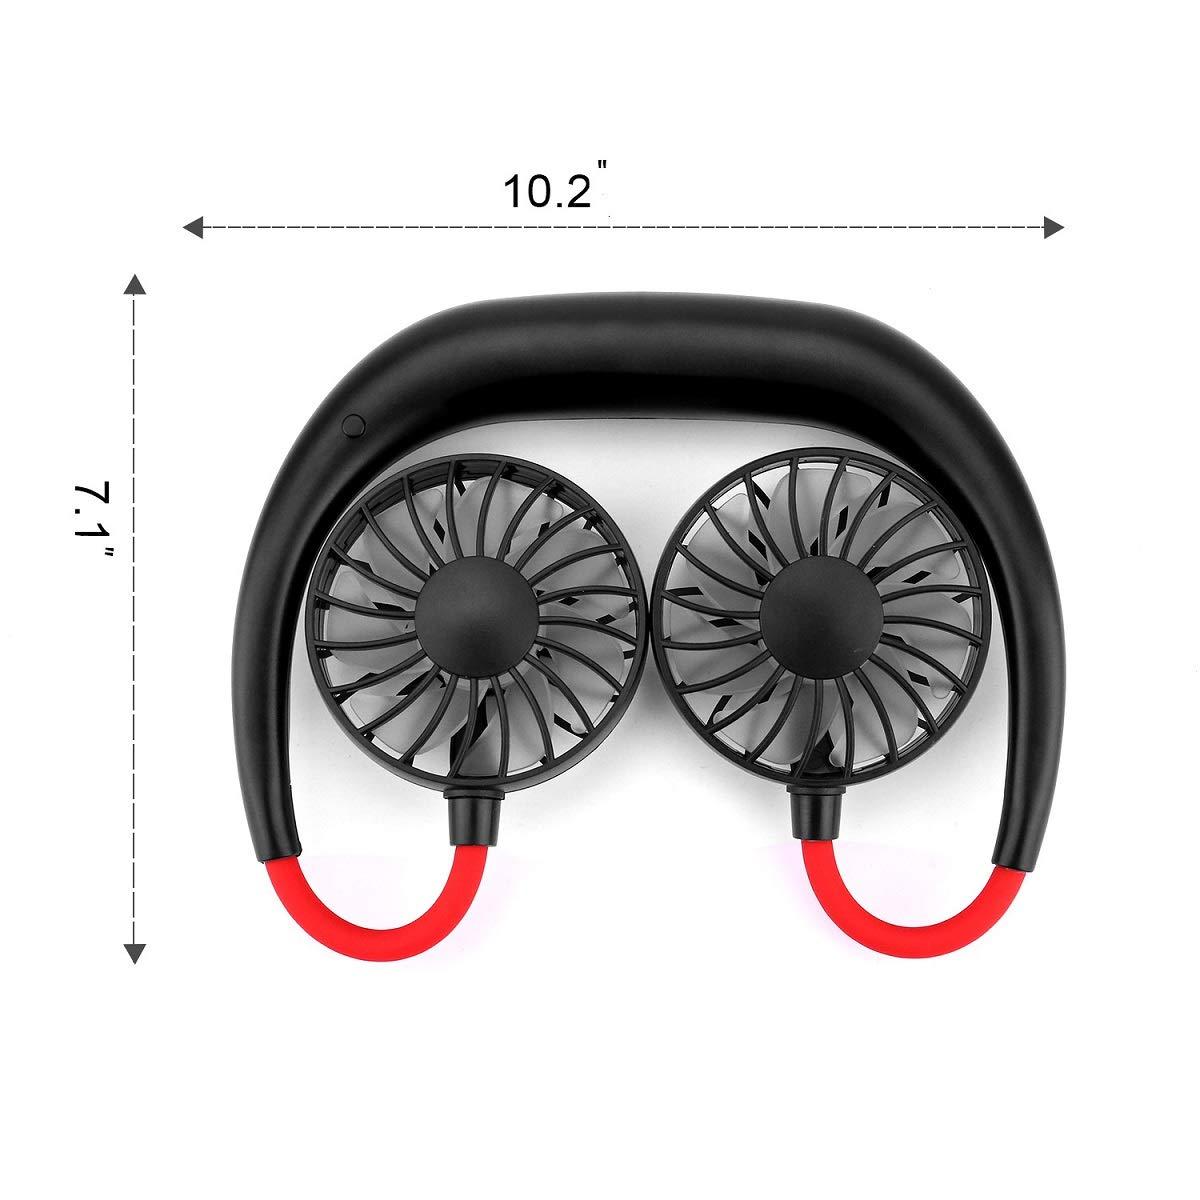 Klettern Spielzeit 3,5 bis 12 Stunde USB Fan Handsfree Handventilator Sommer Outdoor Sport CENXINY Tragbare Ventilator f/ür Outdoor L/üfter f/ür Wandern 3 Geschwindigkeit einstellbar